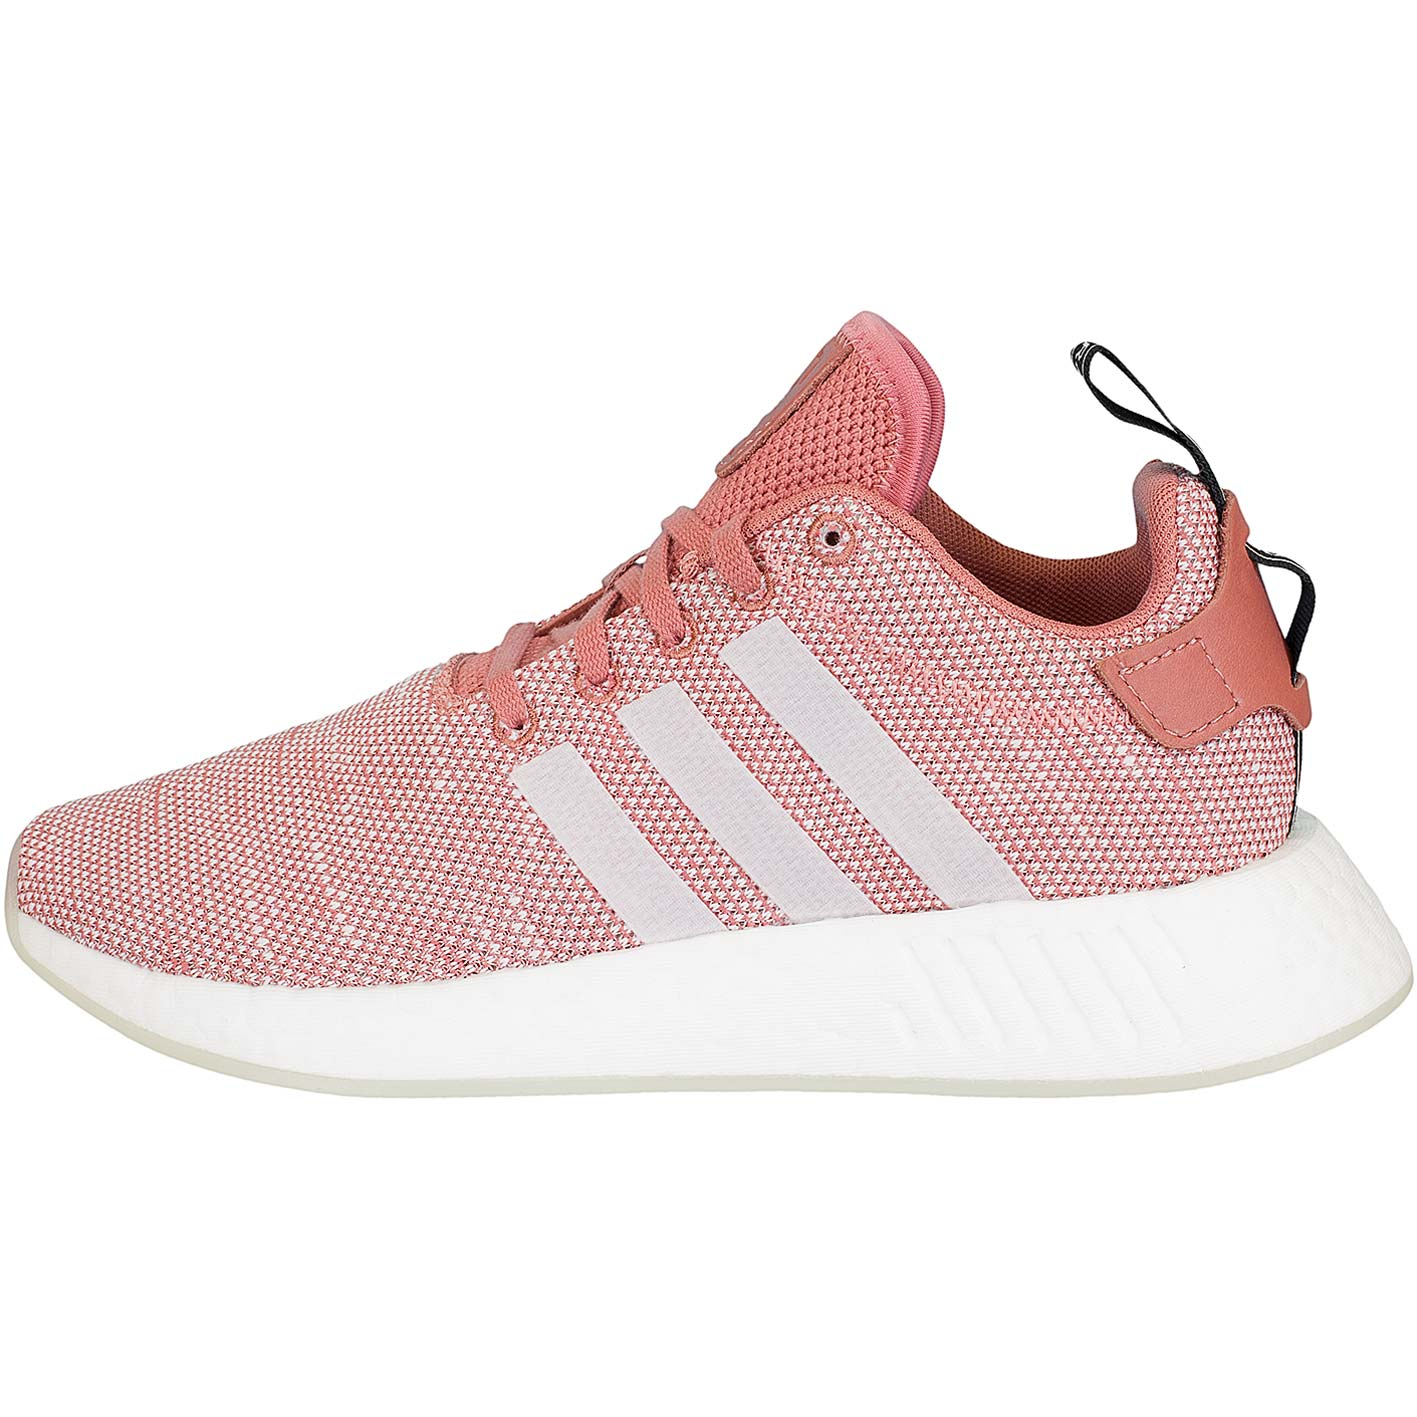 Damen Adidas Originals AQ0197 NMD_R2 Schuhe Ash Pearl Rosa